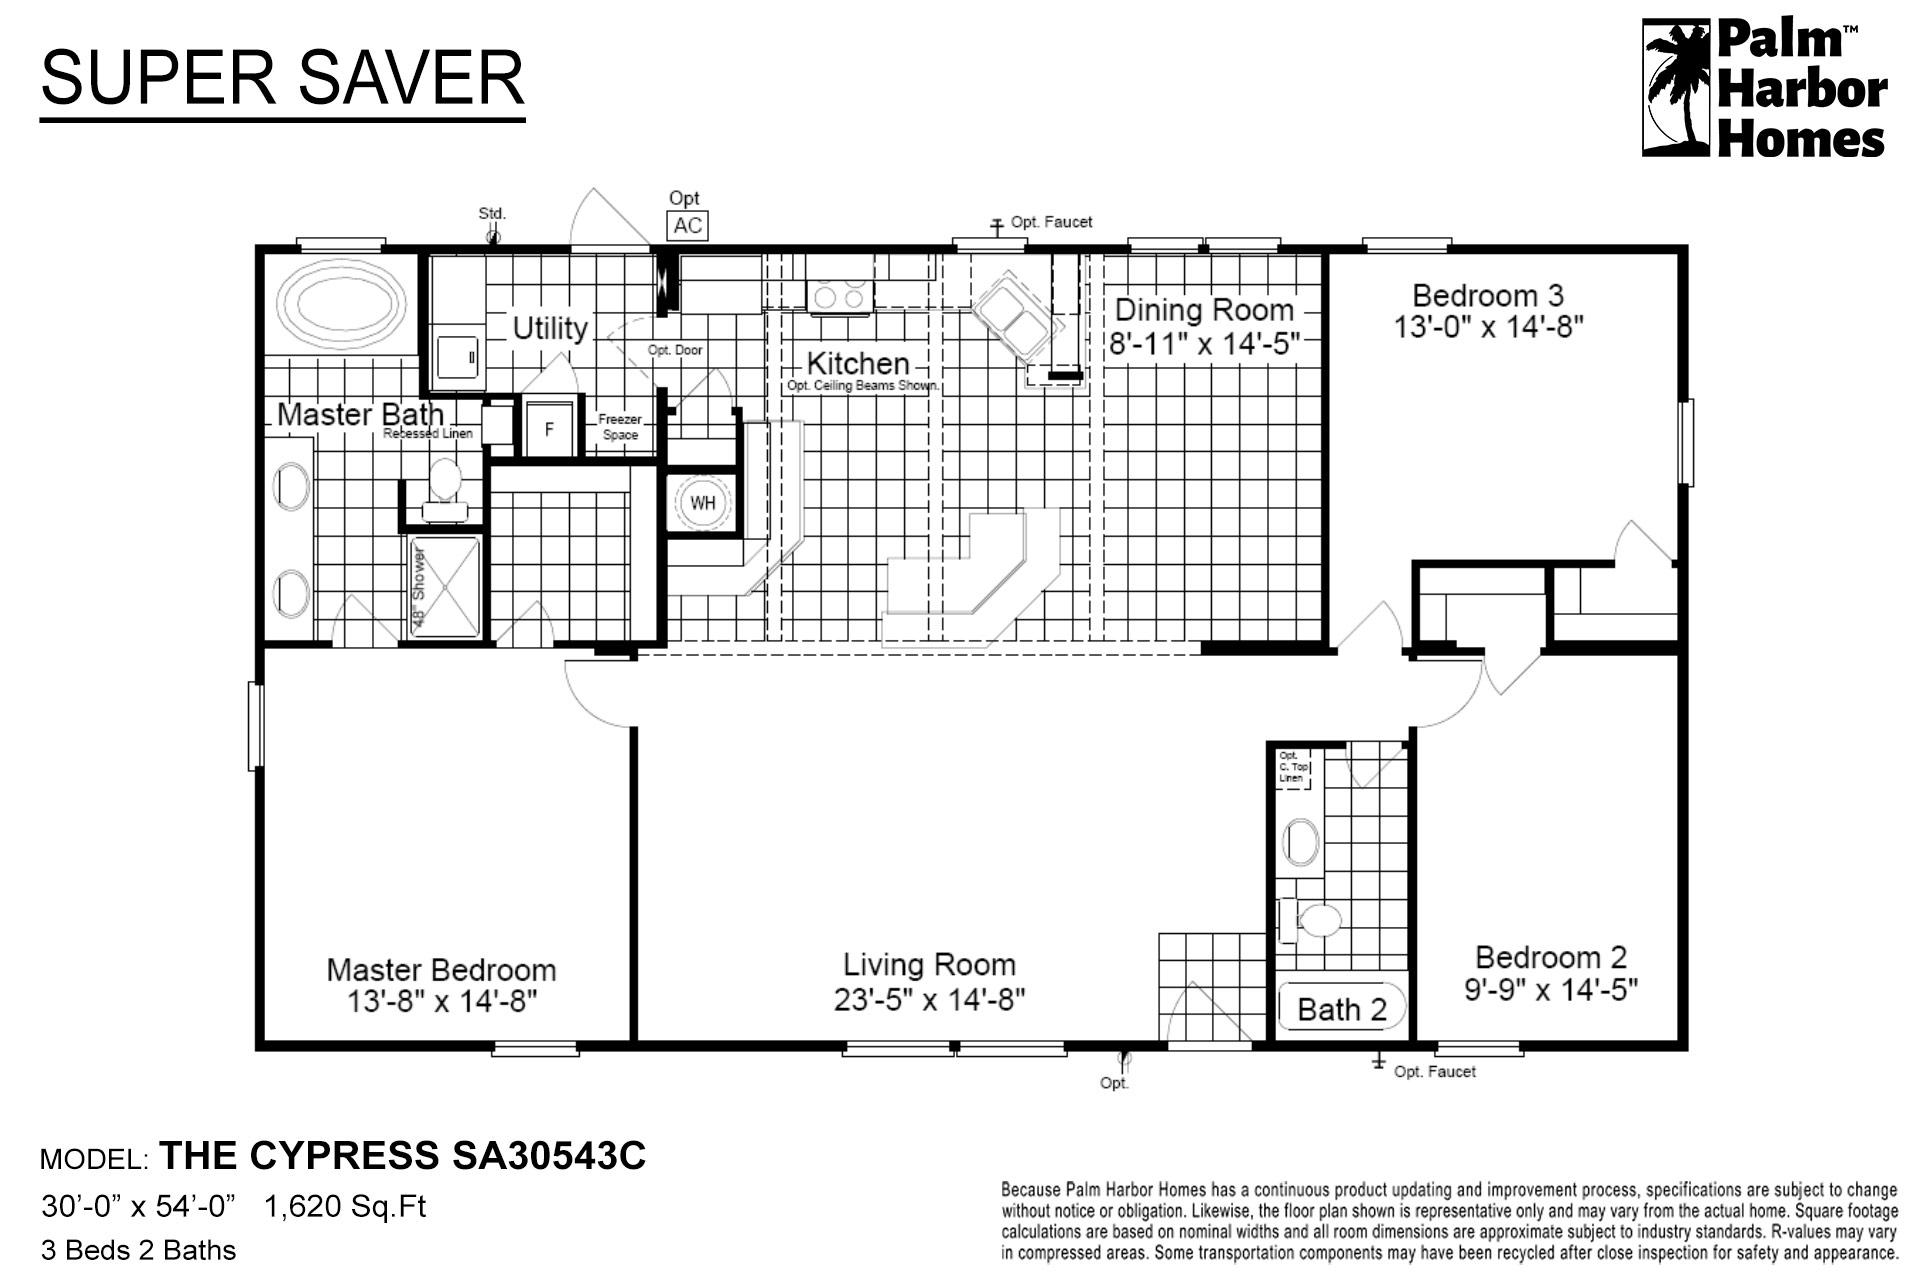 Super Saver The Cypress SA30543C Layout